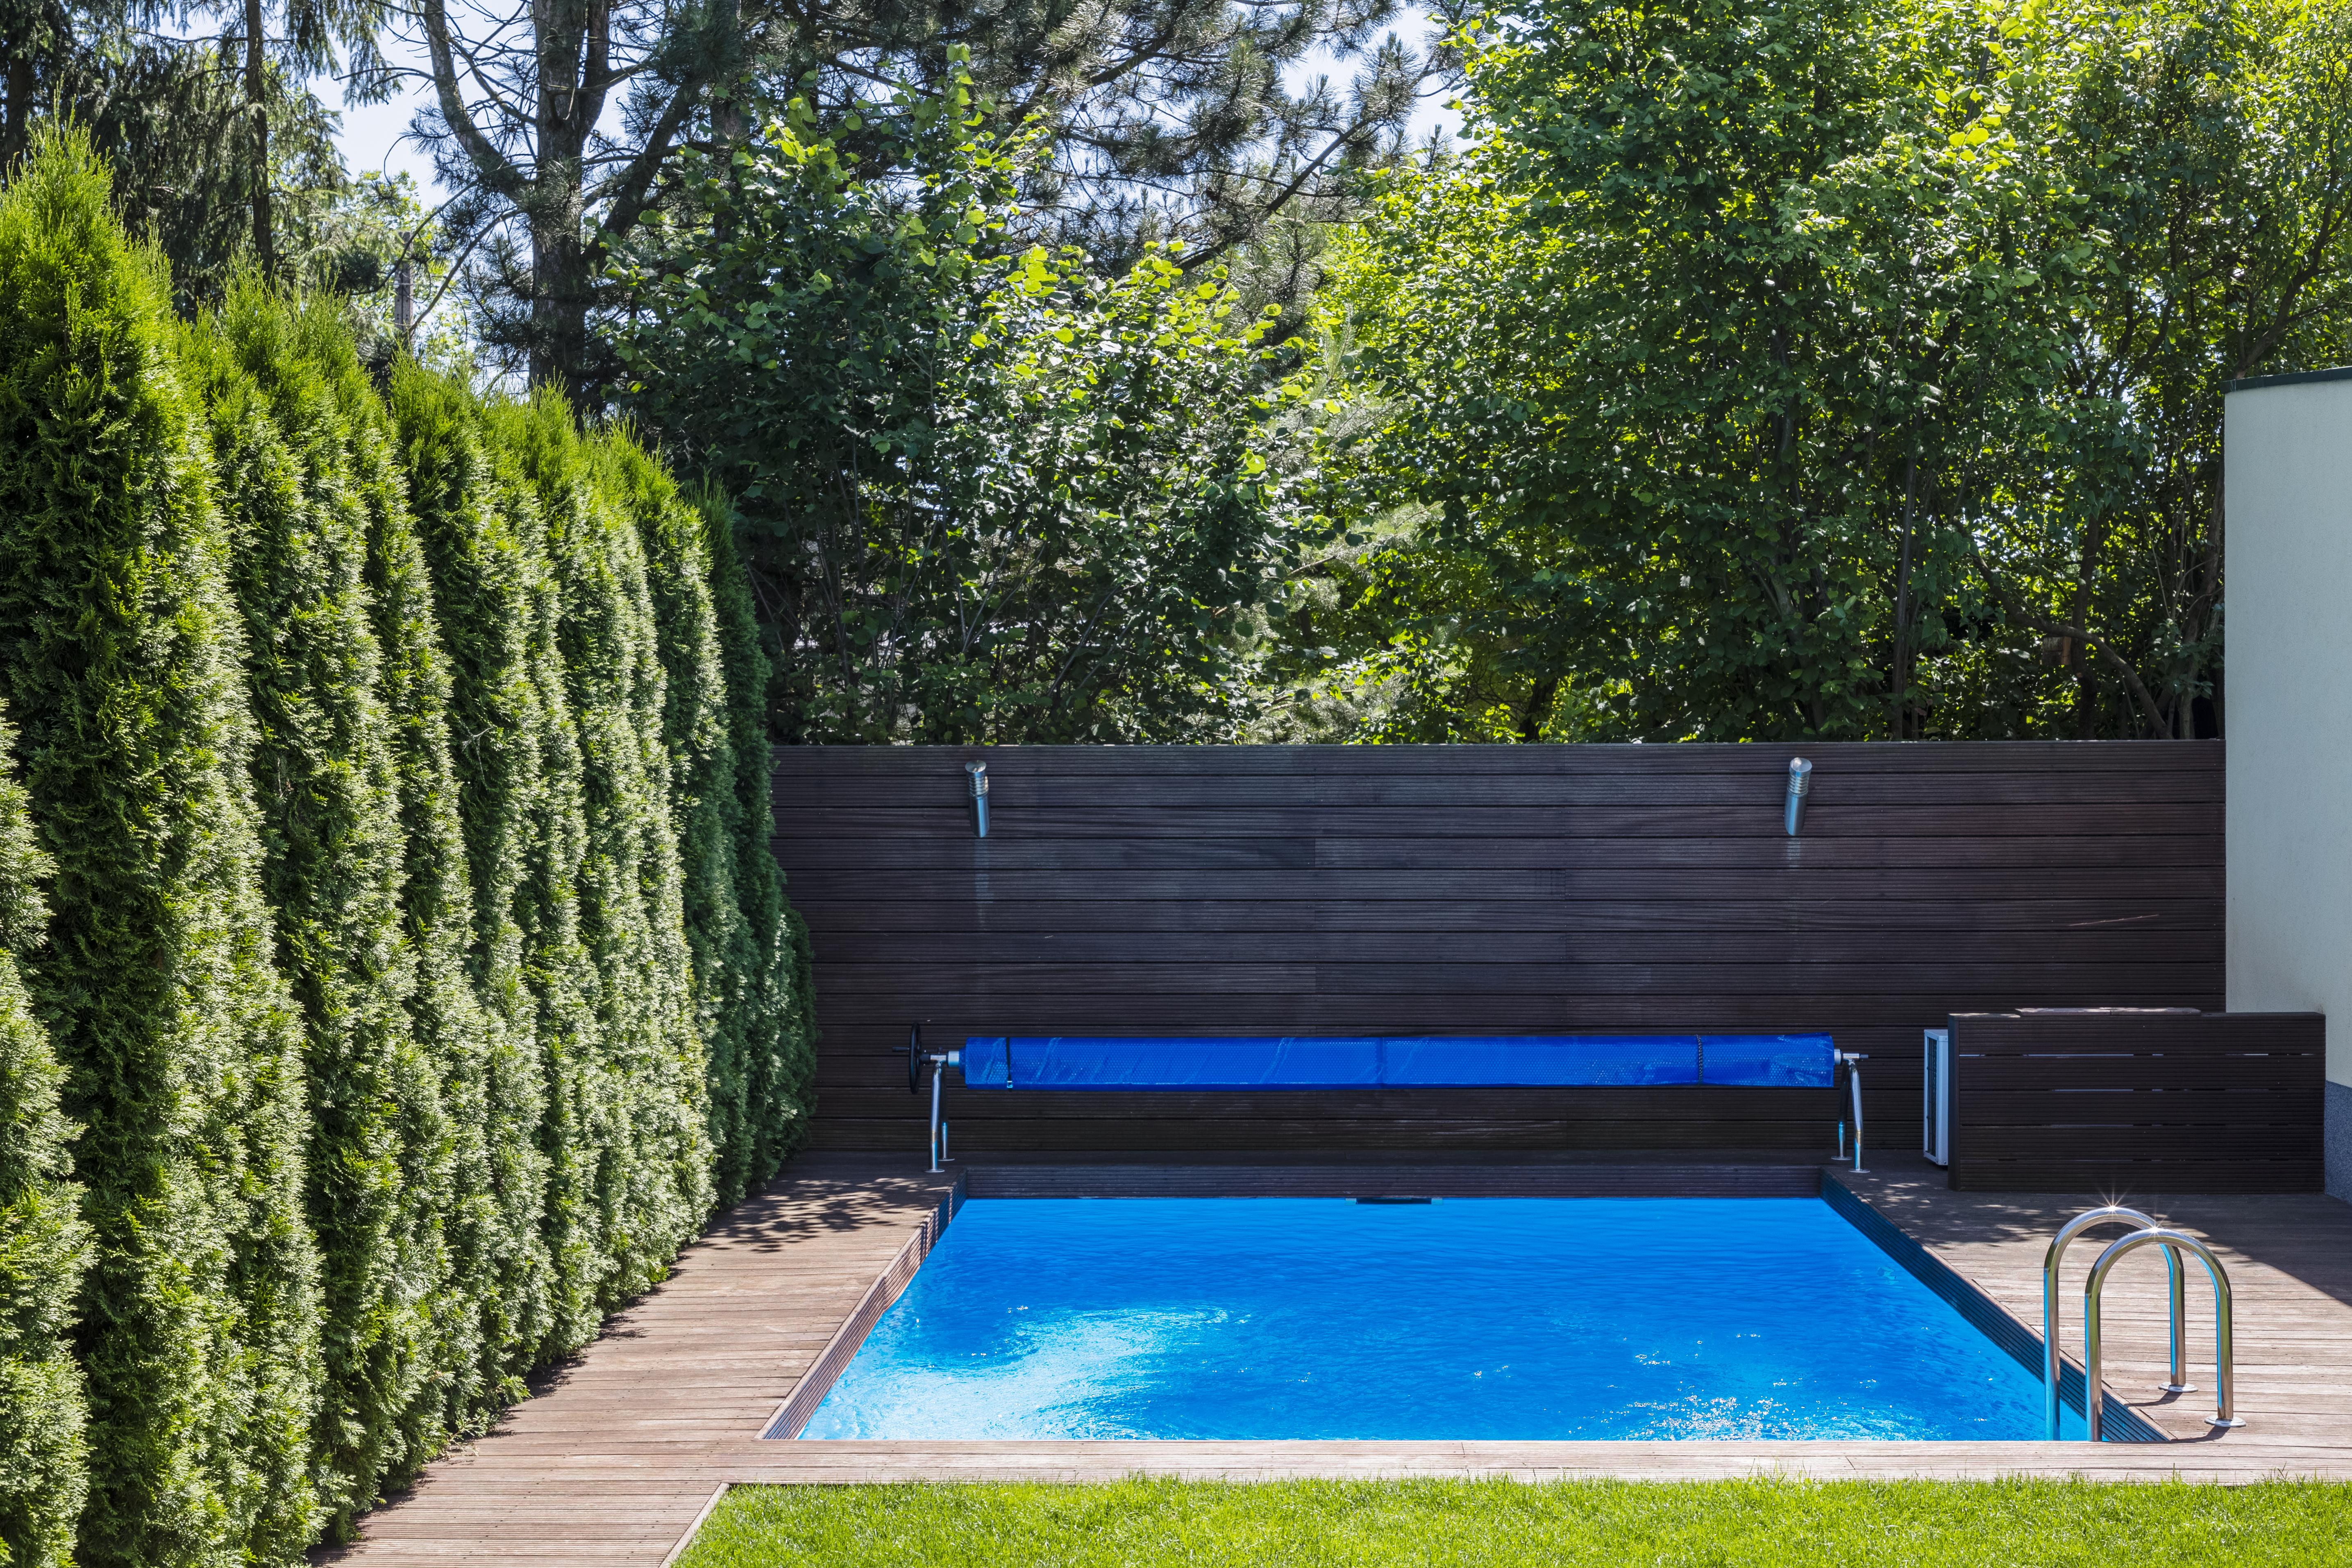 Importante para evitar quedas junto à piscina